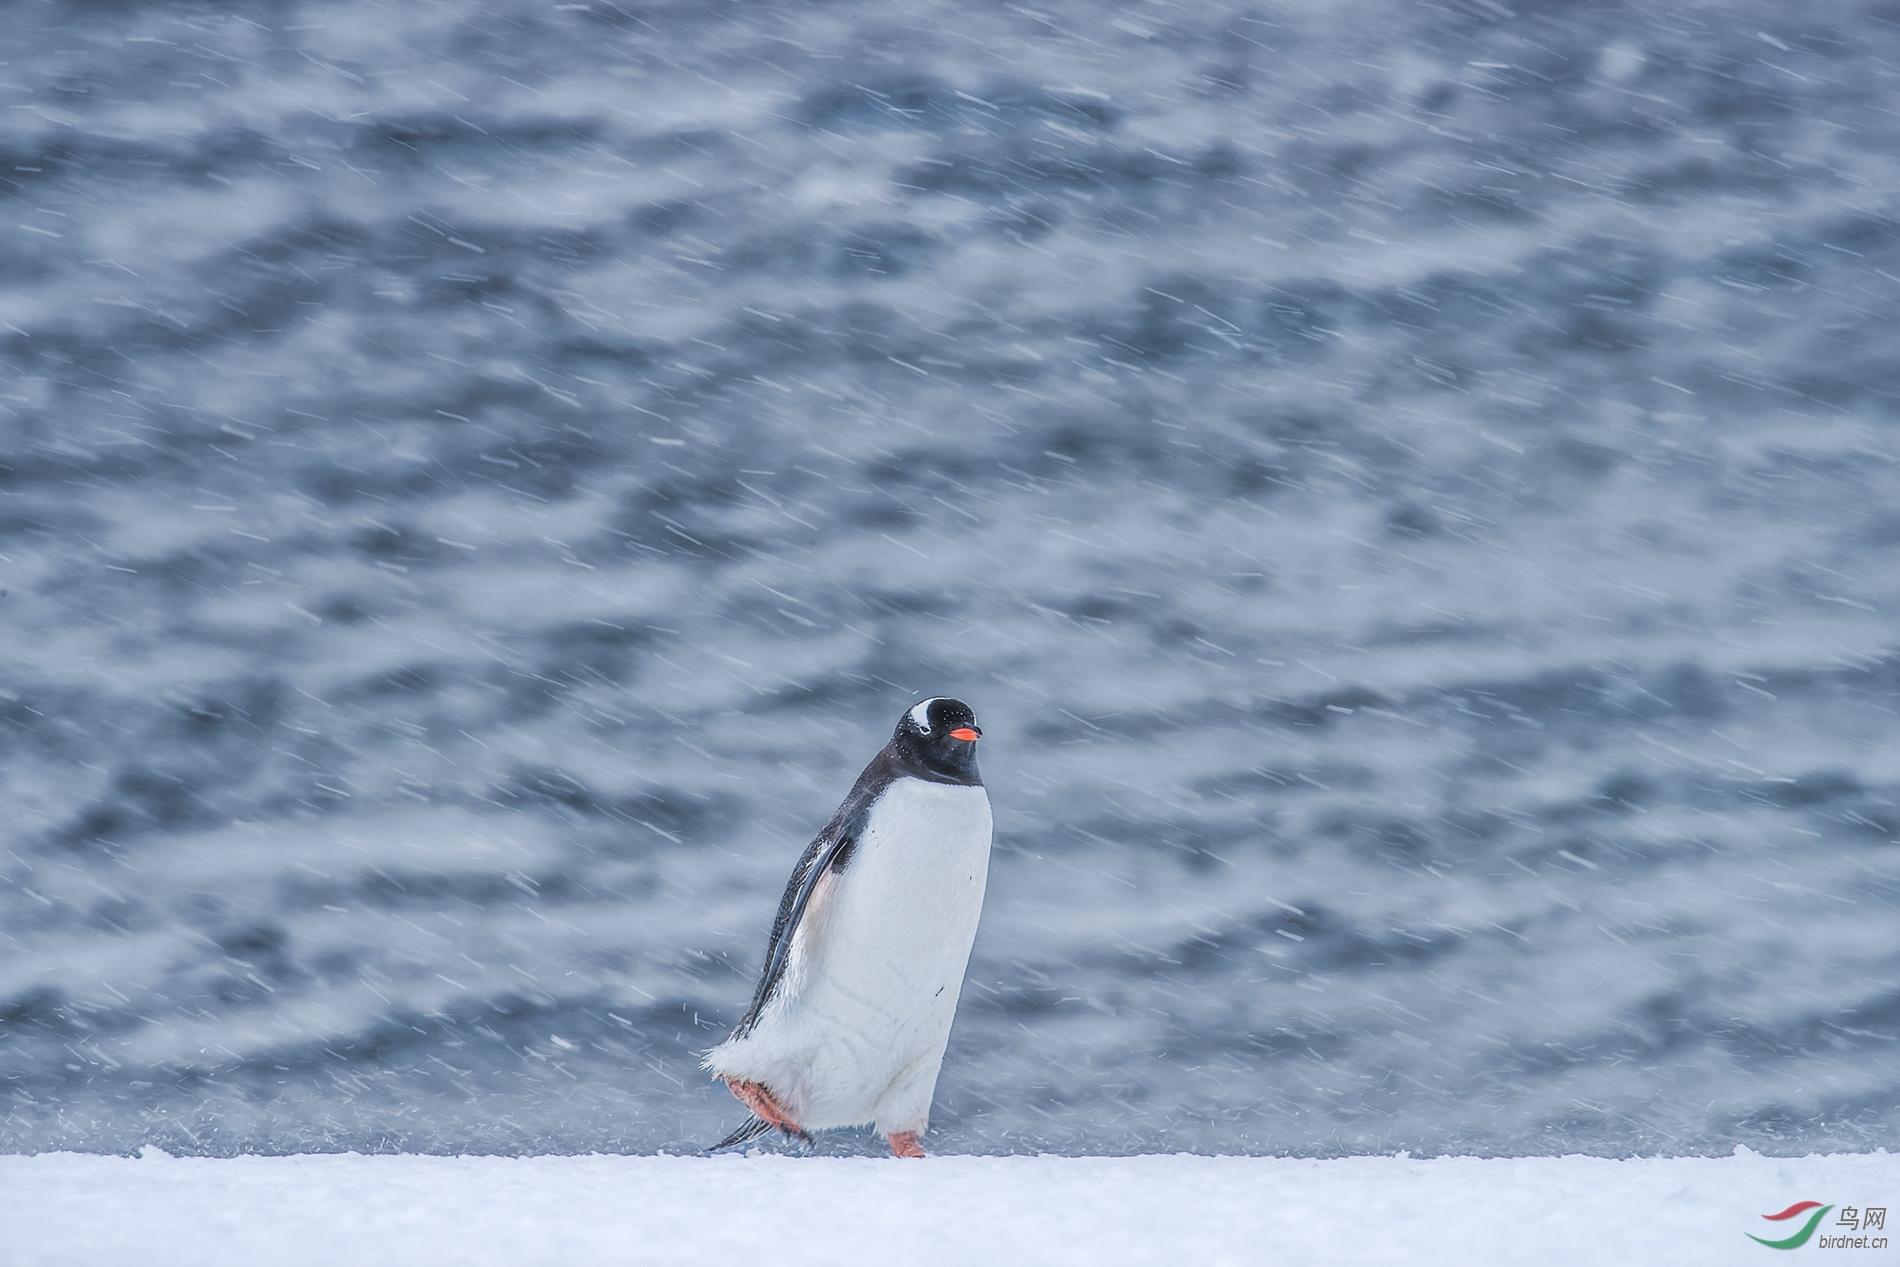 28----1867.风雪中的金图企鹅-肥肥.jpg.jpg